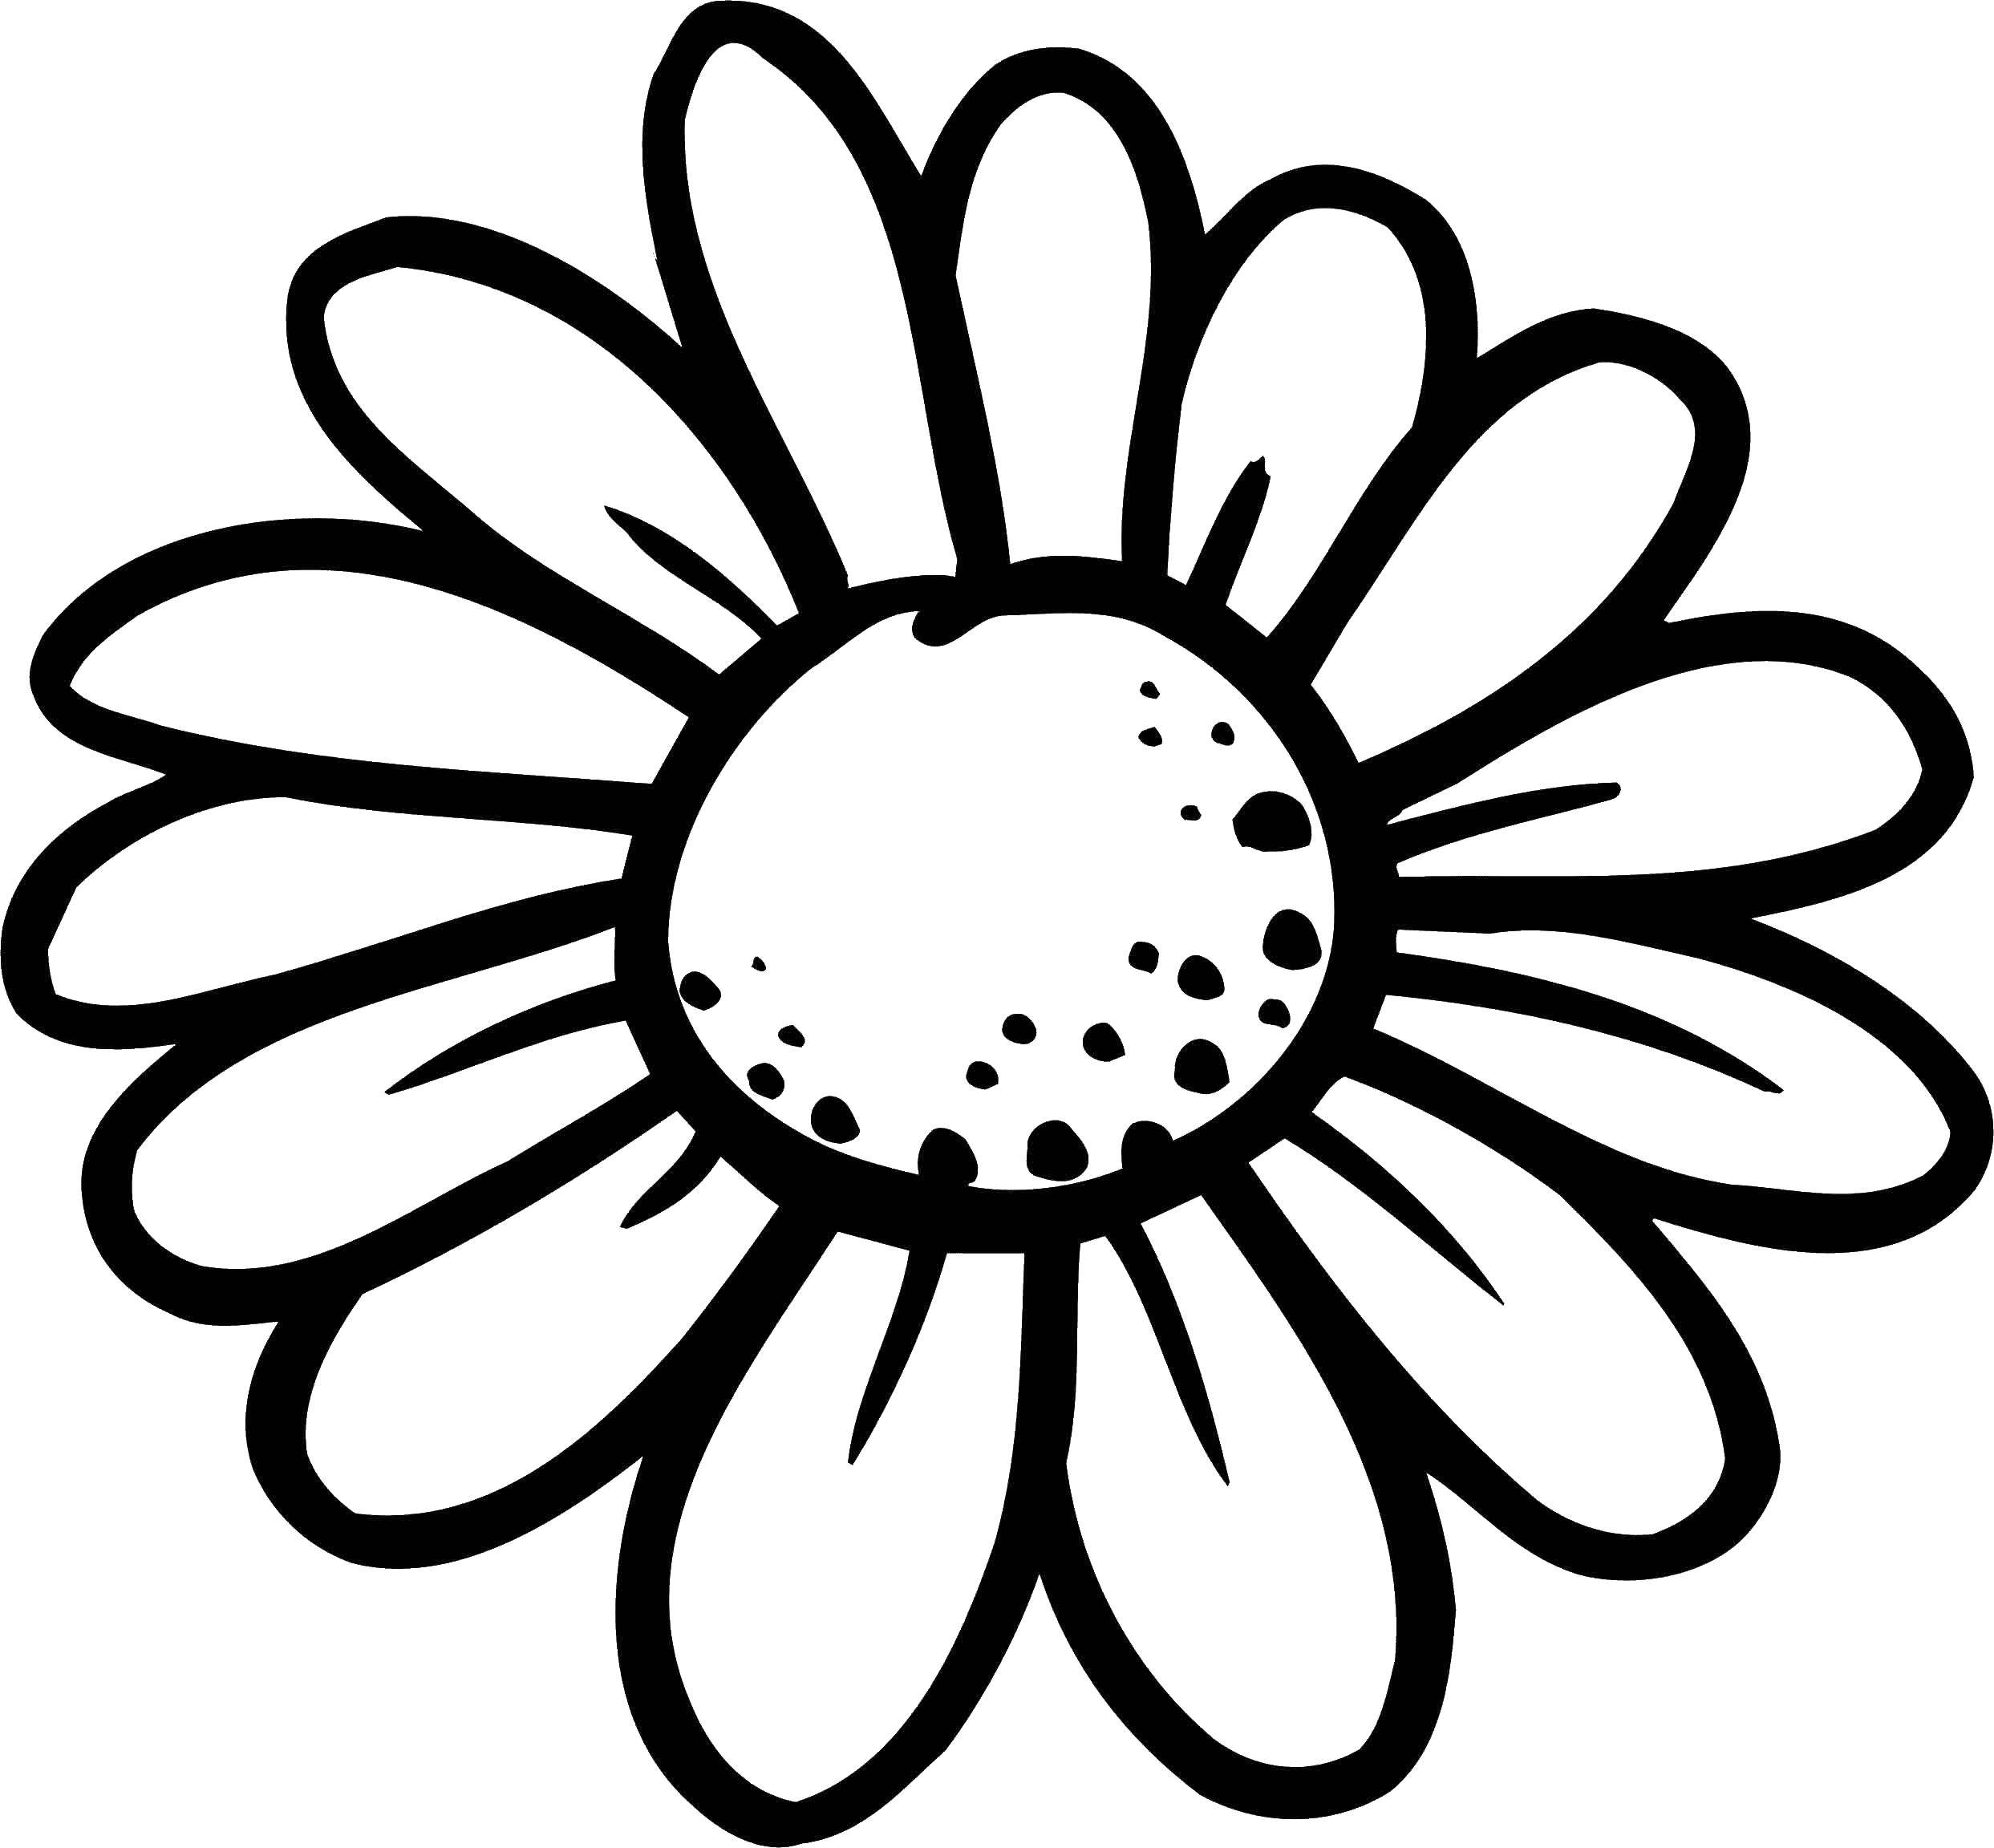 картинки раскраски цветы крупные шаблоны любой, даже минимальной